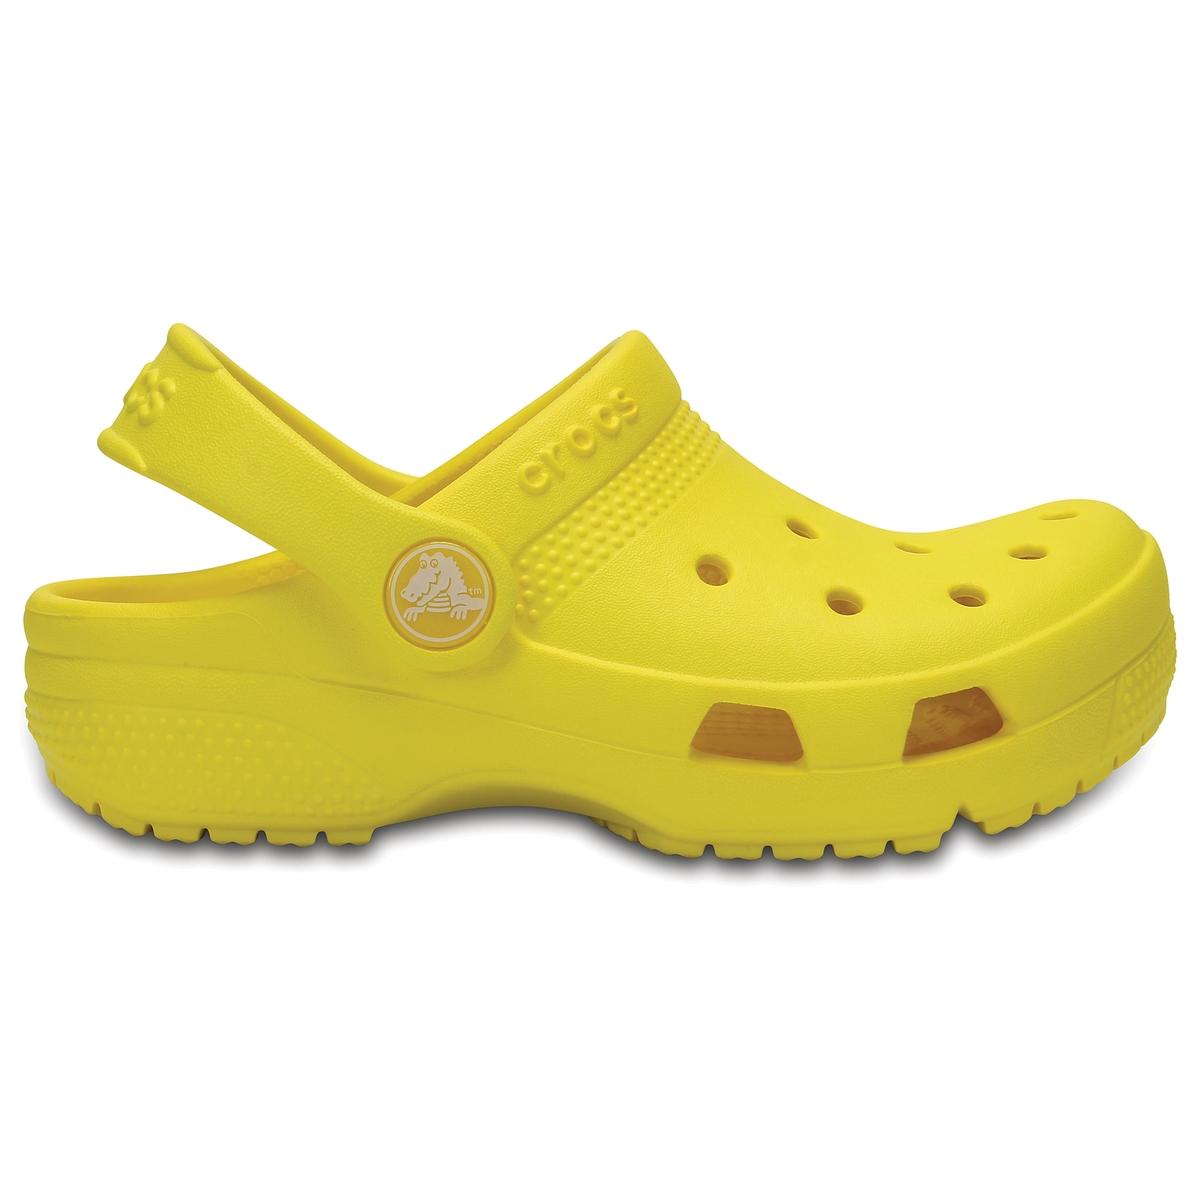 Сабо Kids Crocs Coast ClogОписание:Детали •  Плоский каблук •  Застежка : ремешок/пряжка •  Круглый мысок •  Гладкая отделкаСостав и уход •  Верх 100% ПВХ (поливинилхлорид) •  Стелька 100% ПВХ •  Подошва 100% ПВХ<br><br>Цвет: желтый<br>Размер: 24/25